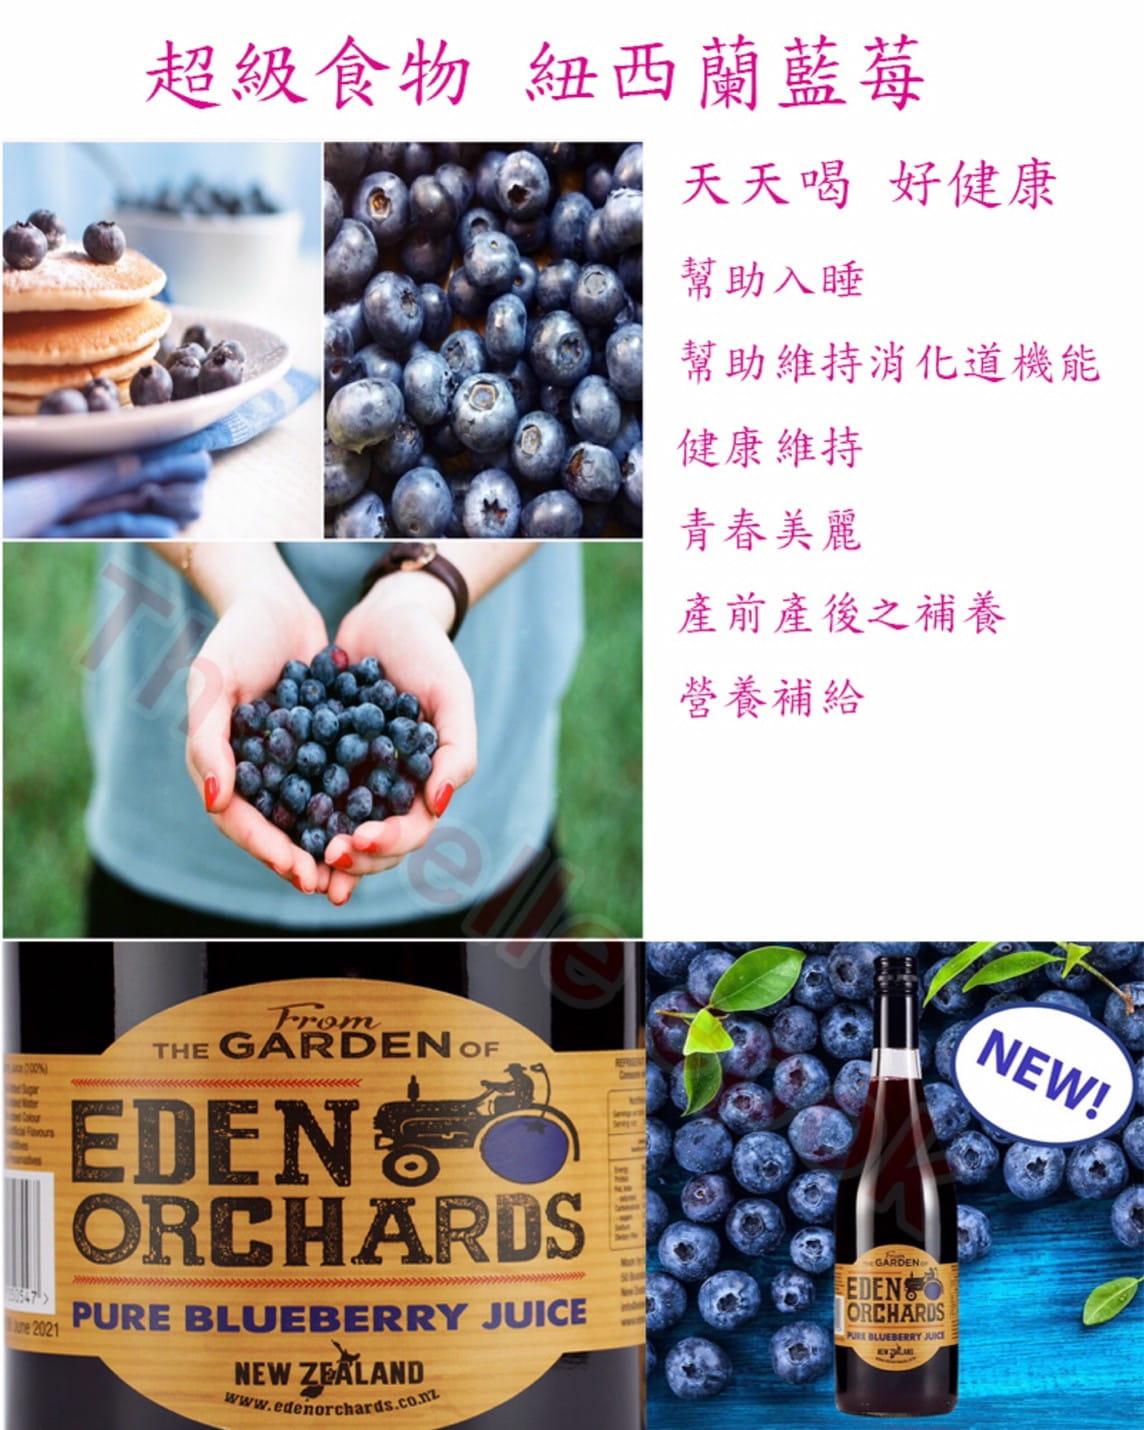 紐西蘭進口-伊甸莊園100%櫻桃汁,100%藍莓汁,綜合果汁 果汁飲料運動補給 夏天 養顏美容 6